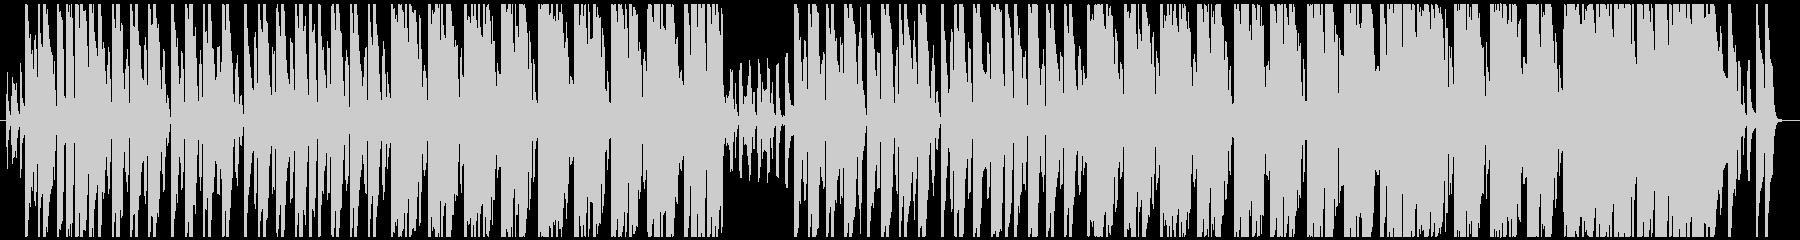 ほのぼの少しコミカルな曲。リコーダー主旋の未再生の波形